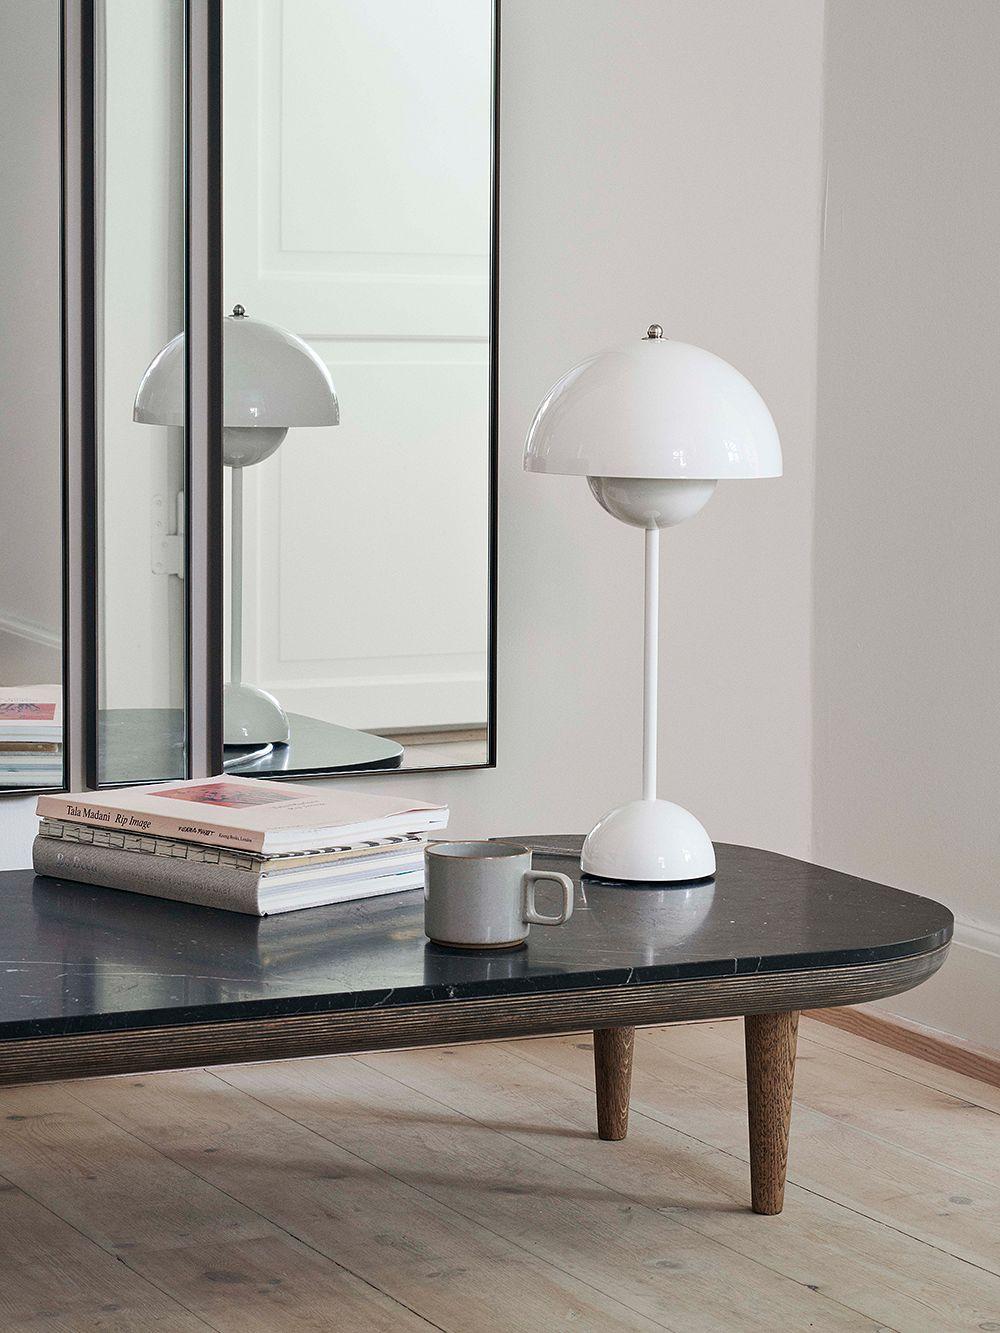 &Tradition's white table lamp, Flowerpot VP3, in living room decor.